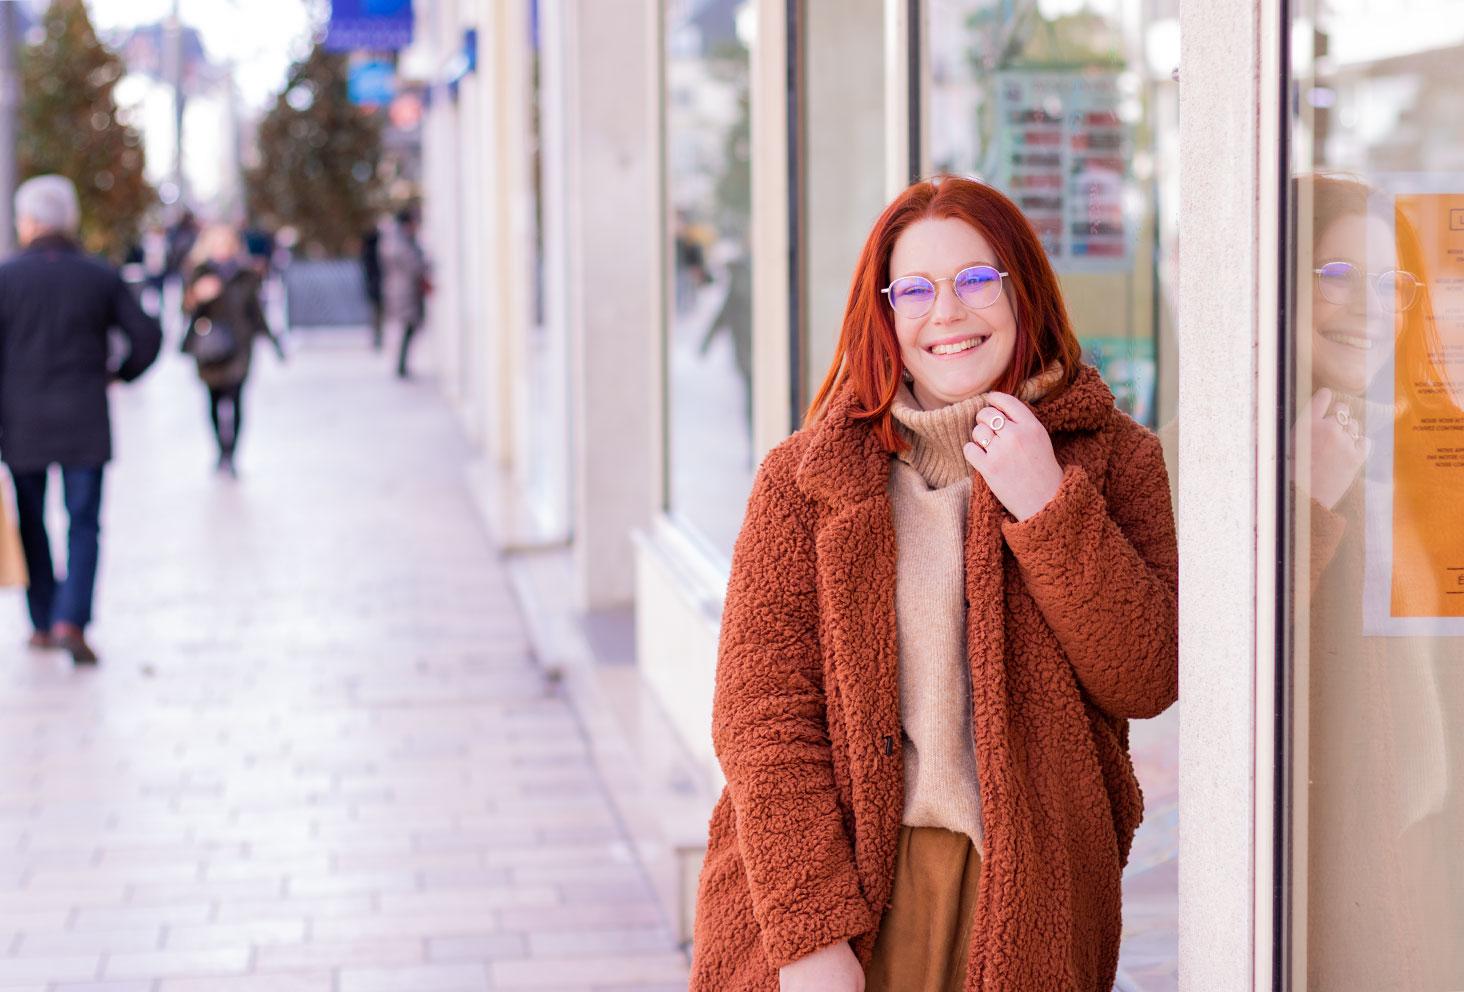 Appuyé contre la vitrine d'une grande librairie, en manteau à fausse fourrure marron Shein par dessus un pull à col roulé beige